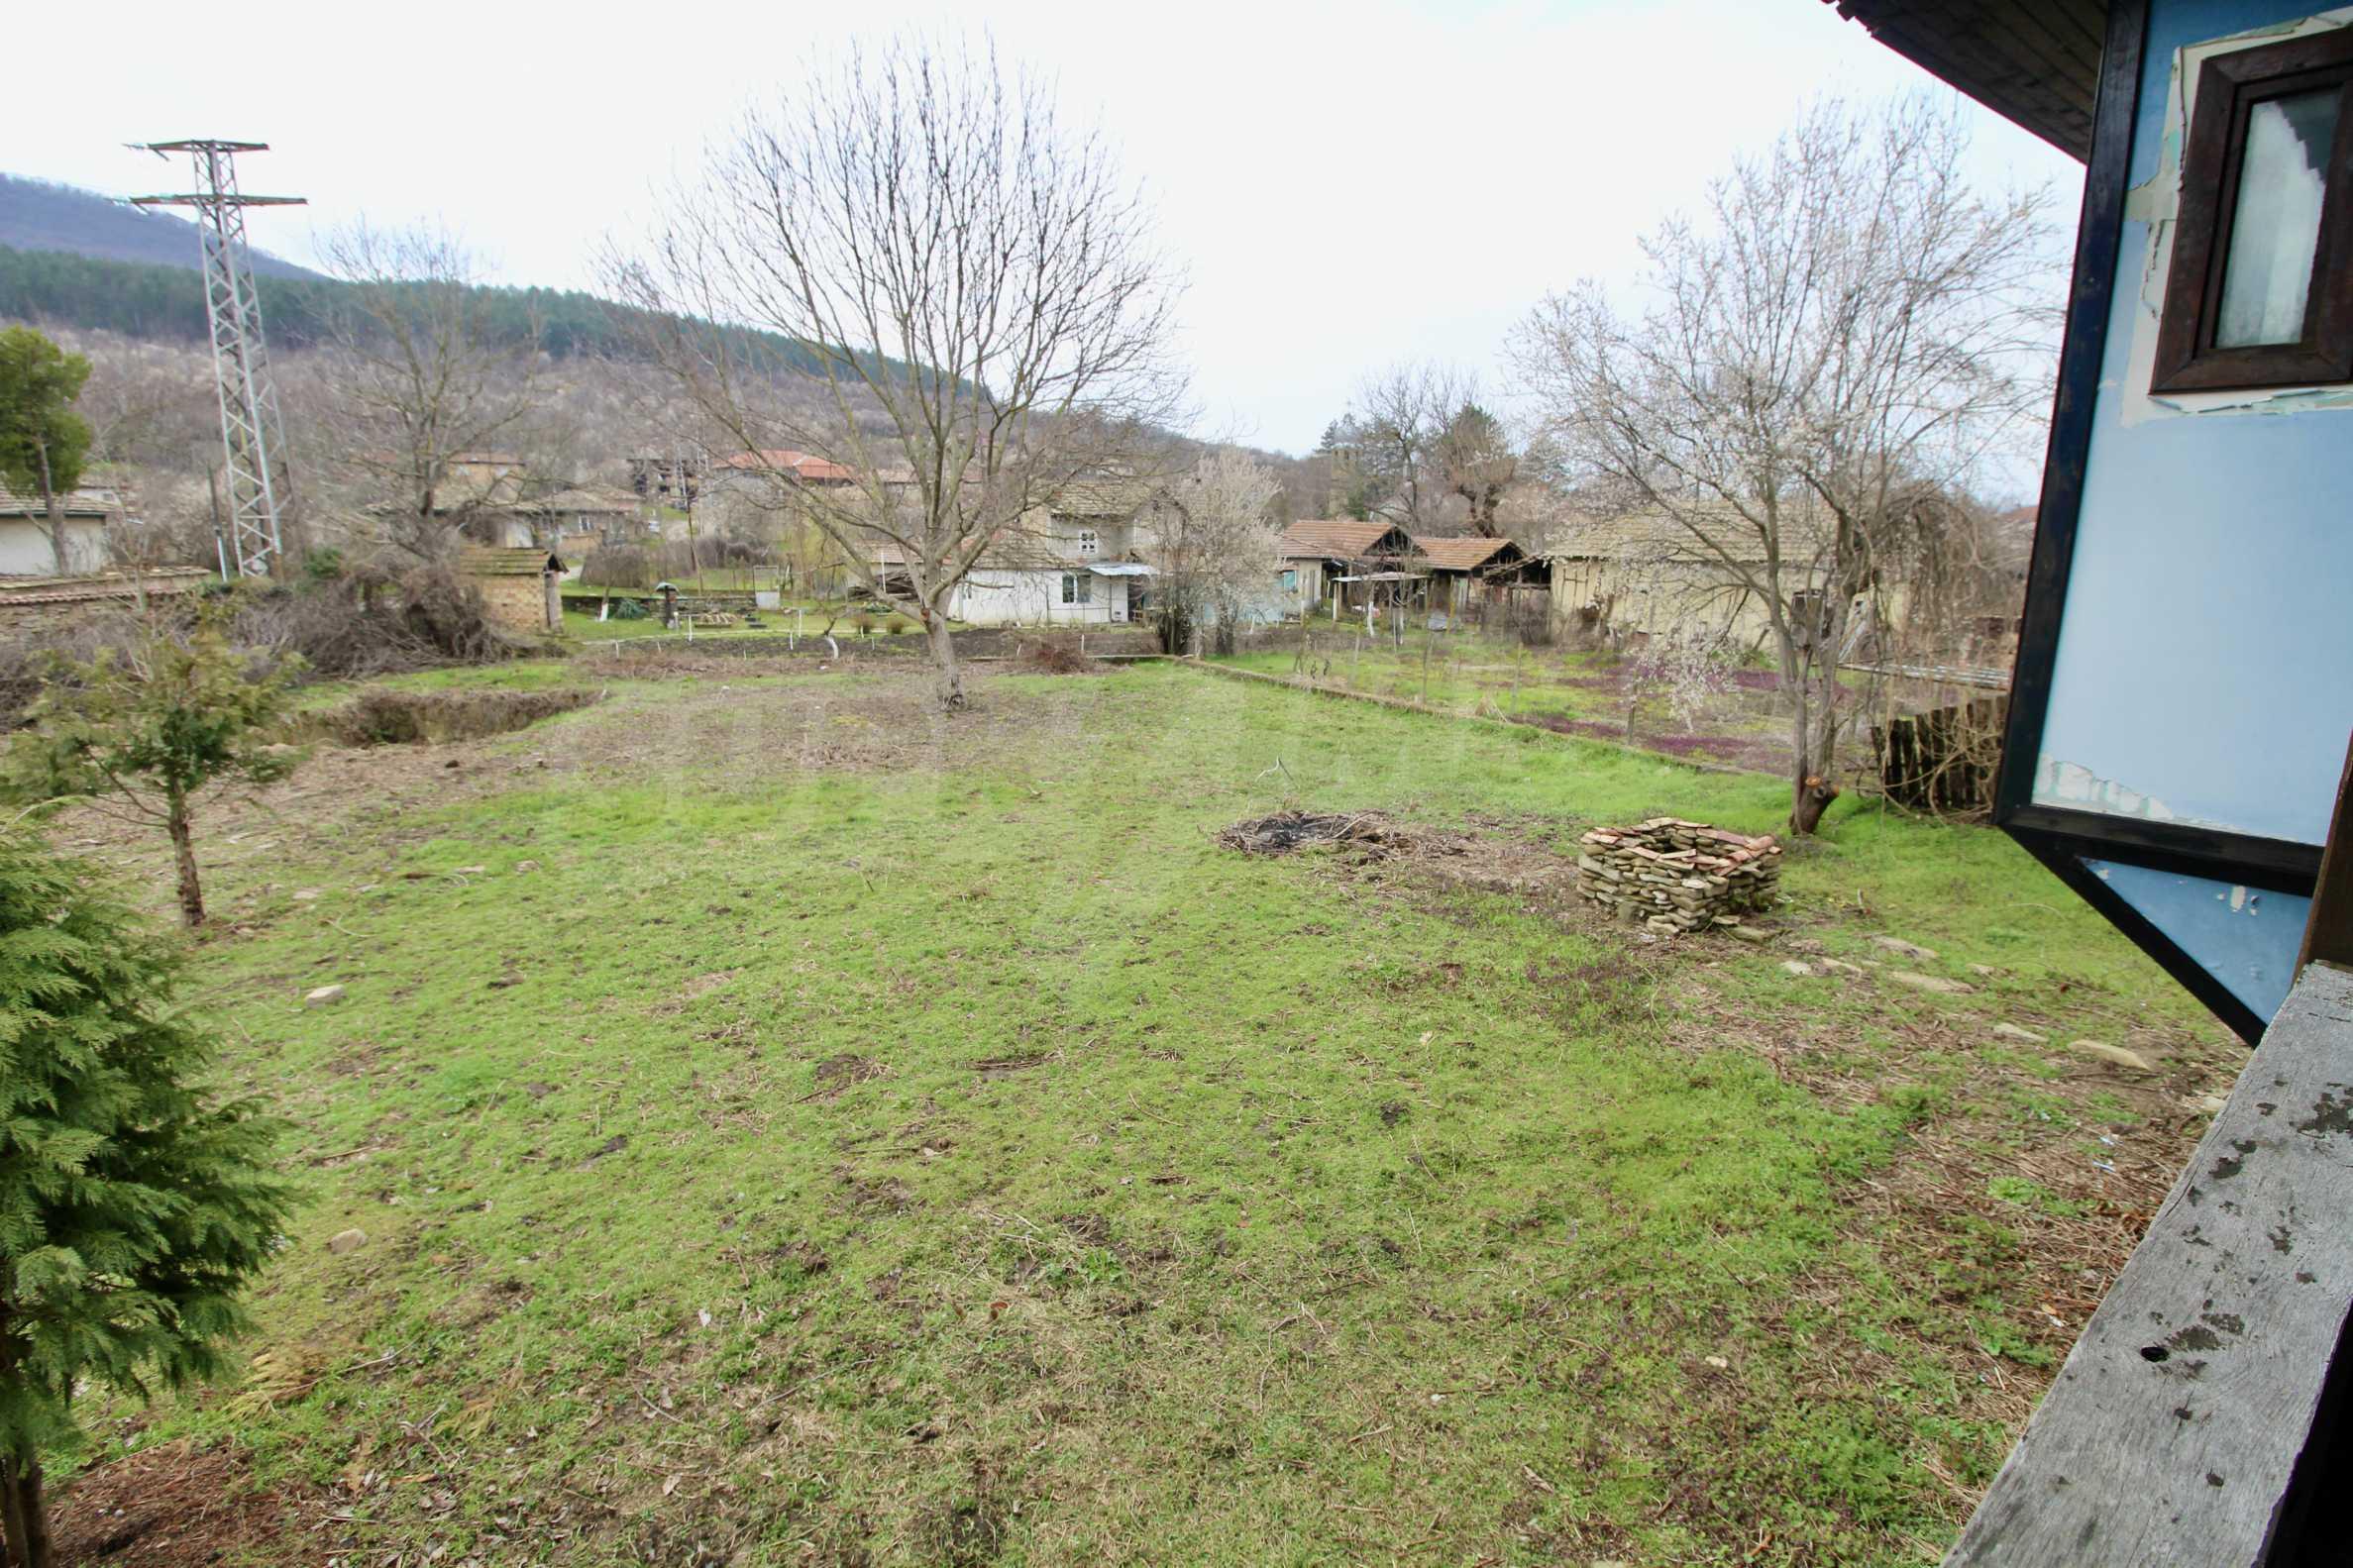 Двуетажна къща с голпм двор в село на 30 км от Велико Търново  14